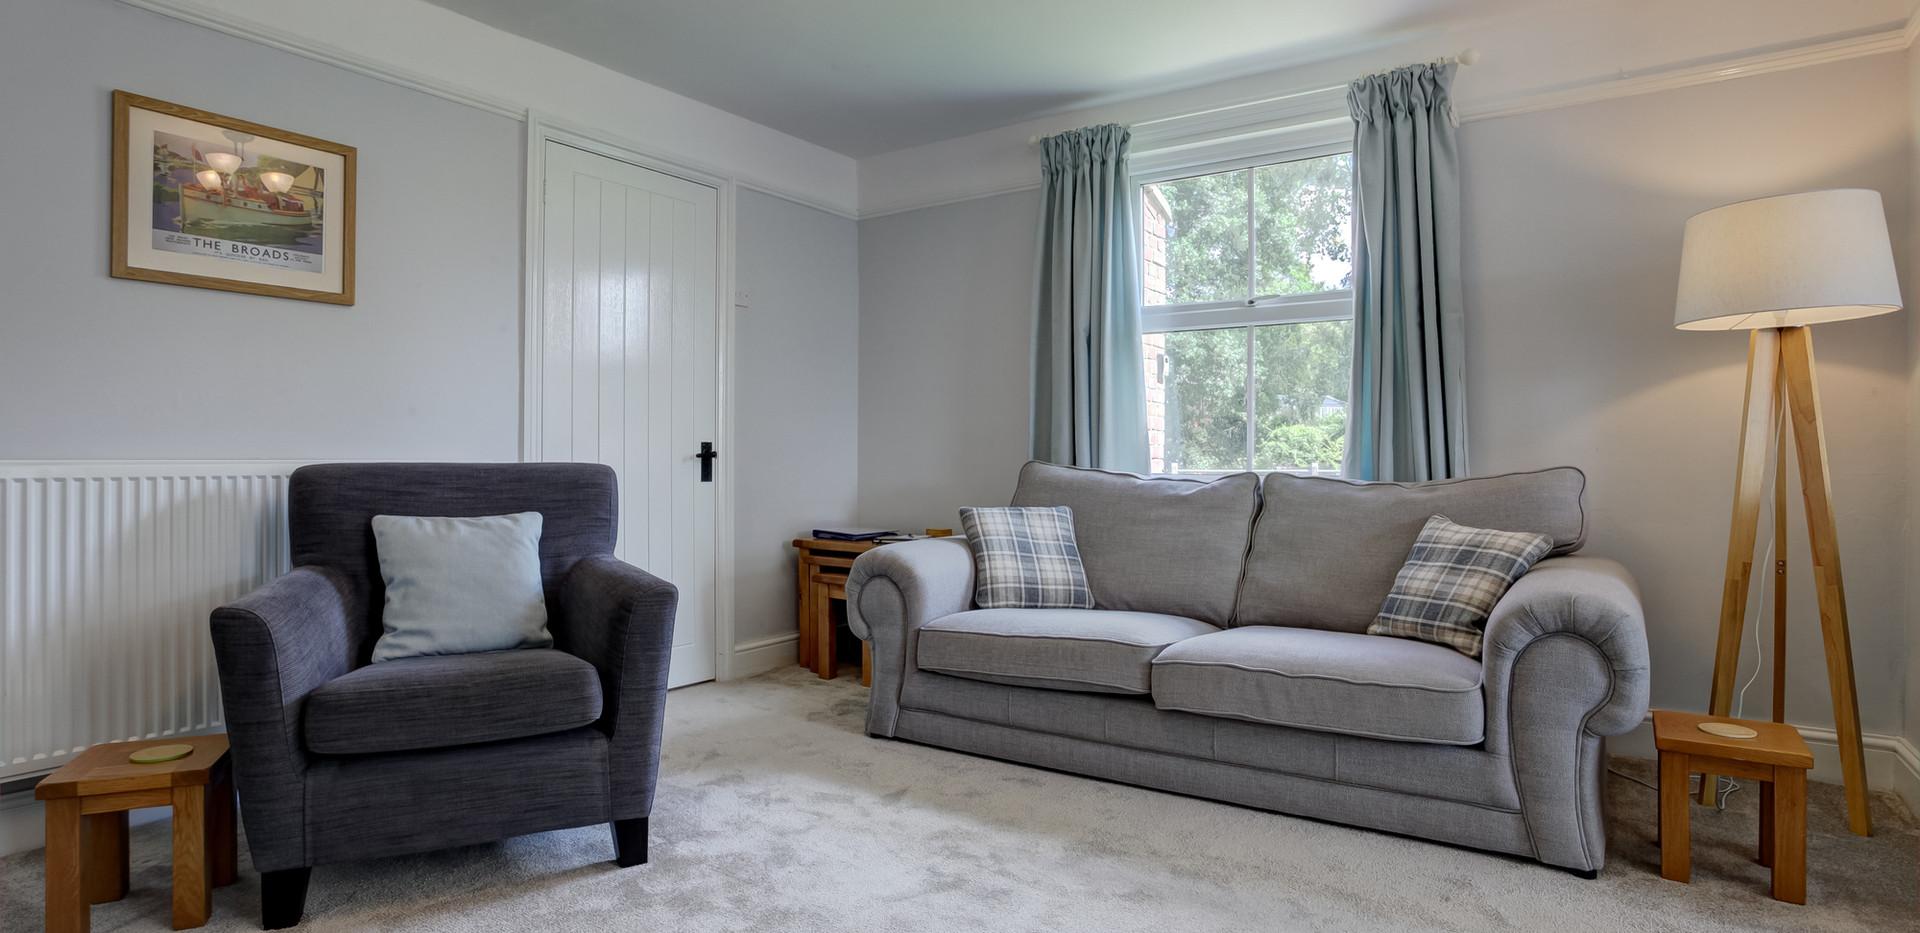 riverside-livingroom-4.jpg